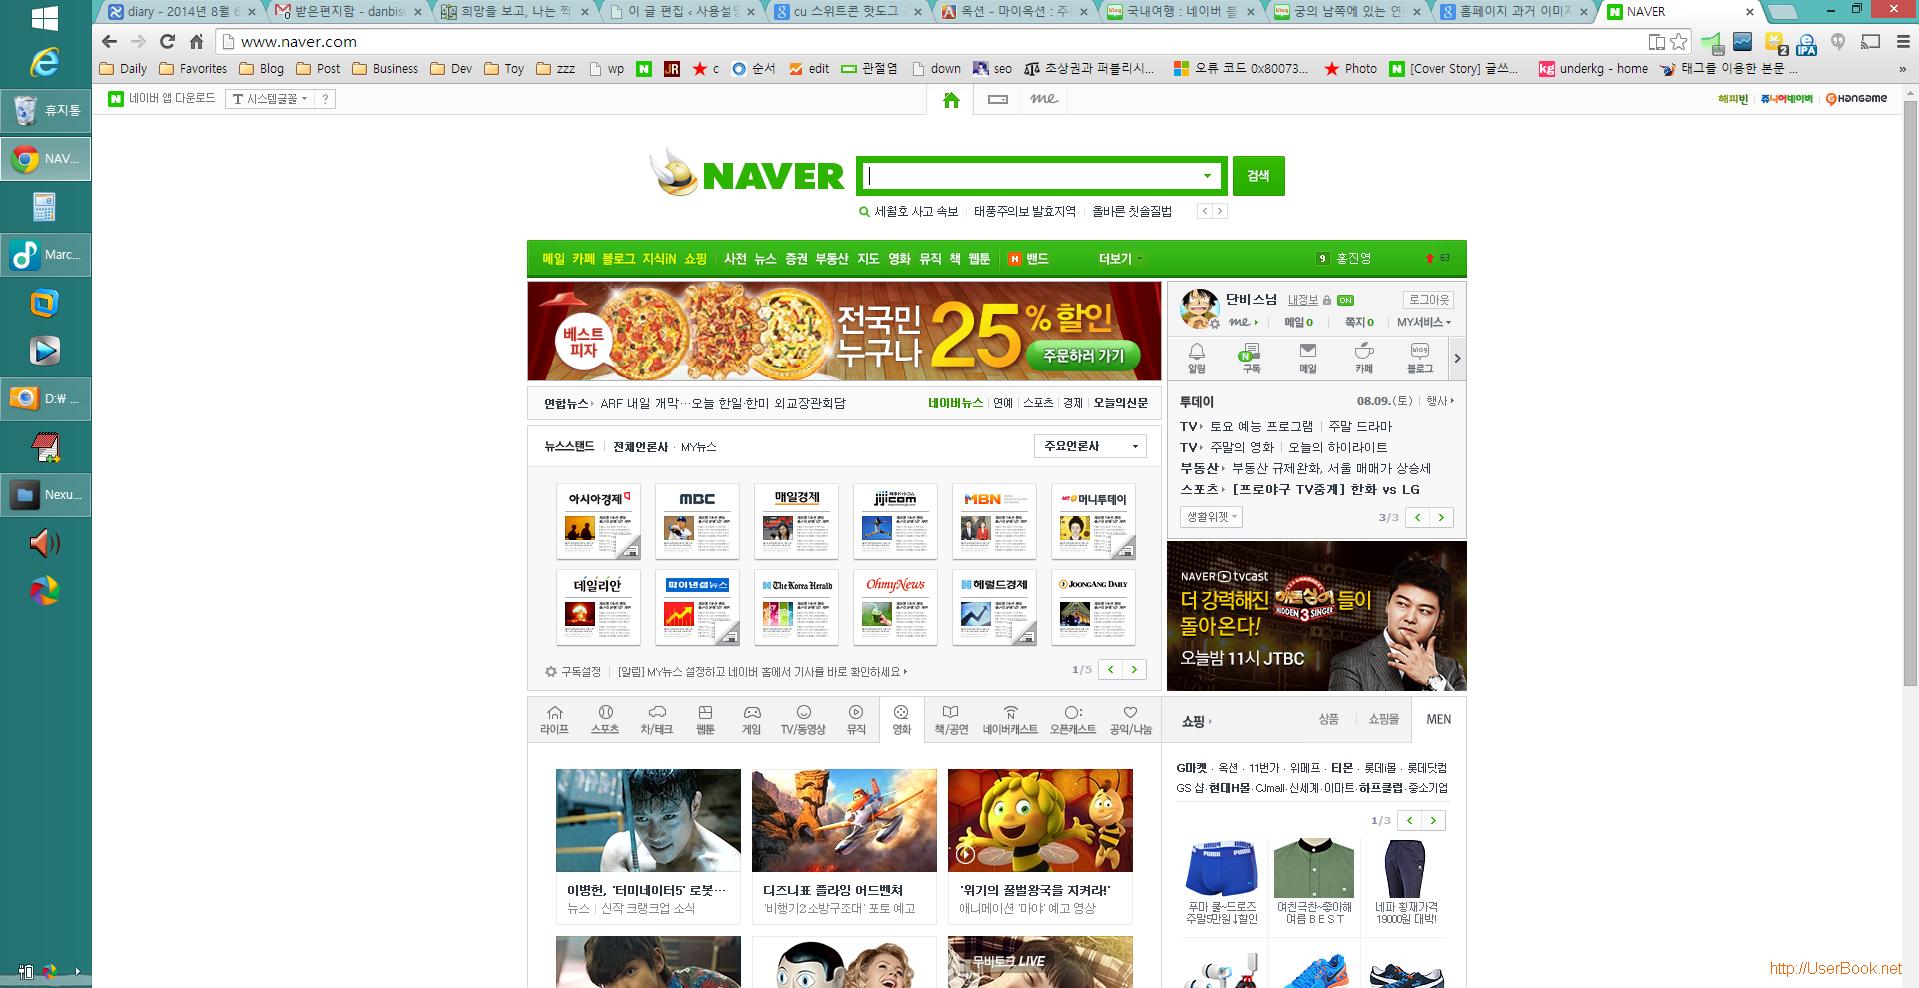 네이버의 메인 화면의 940px 사이즈의 컨텐츠의 폭